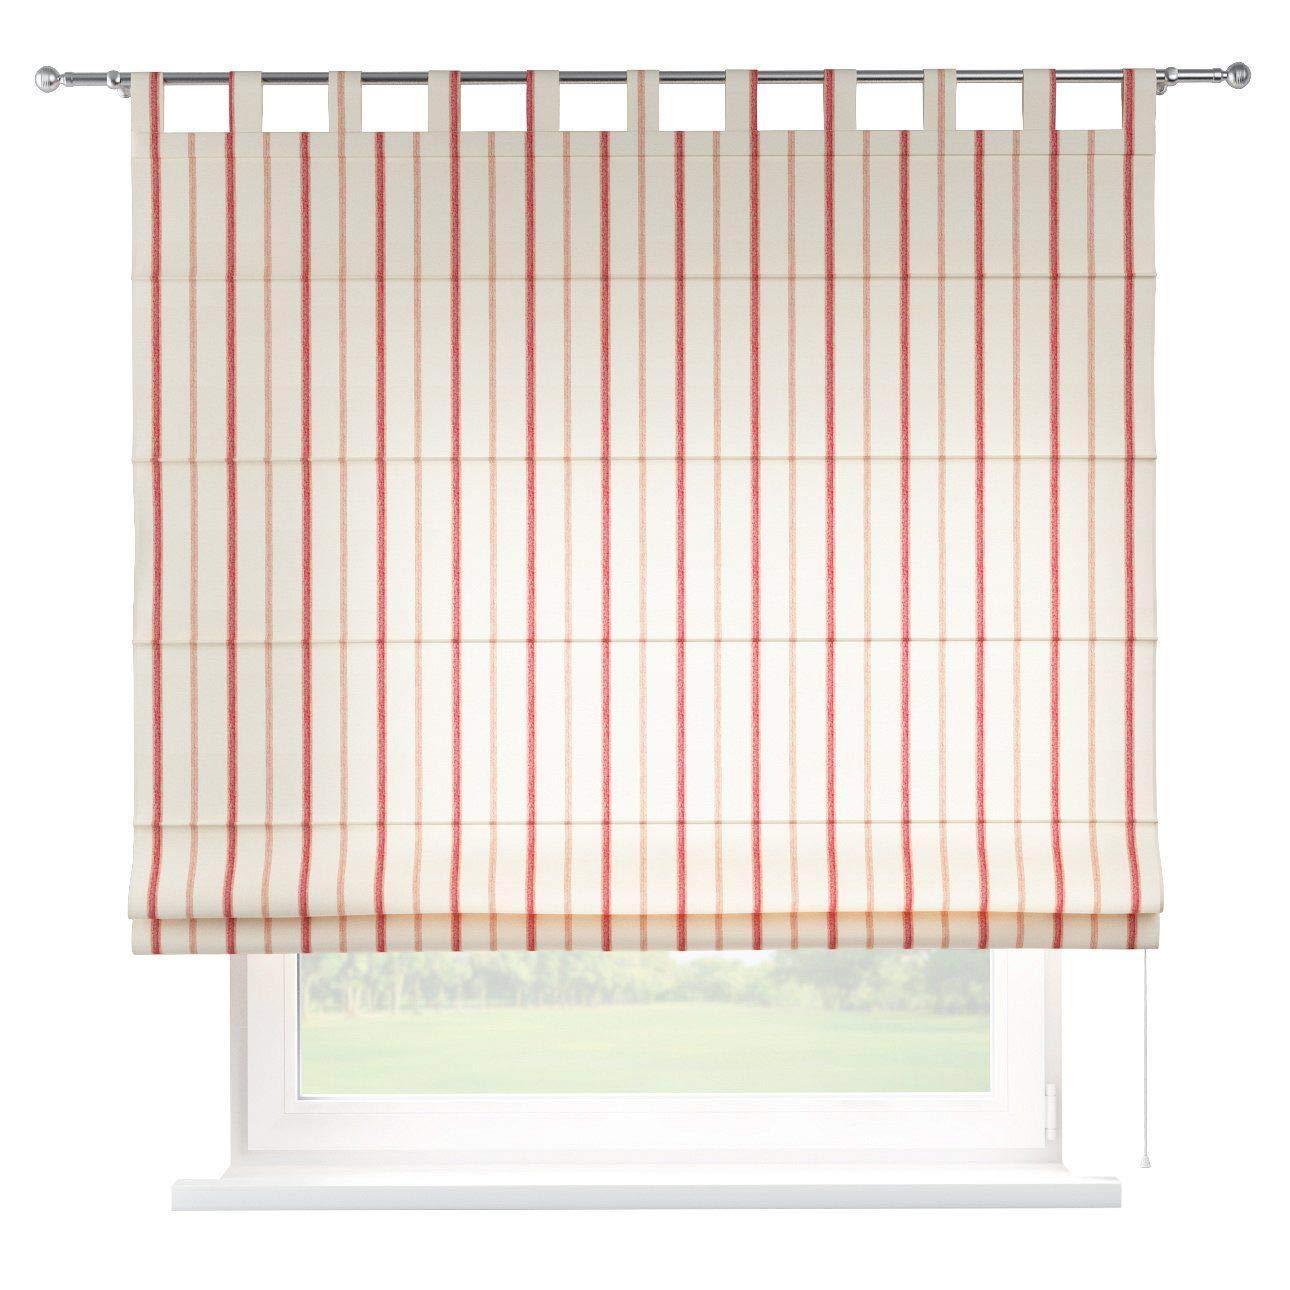 Dekoria Raffrollo Verona ohne Bohren Blickdicht Faltvorhang Raffgardine Wohnzimmer Schlafzimmer Kinderzimmer 100 × 170 cm Creme- rot Raffrollos auf Maß maßanfertigung möglich